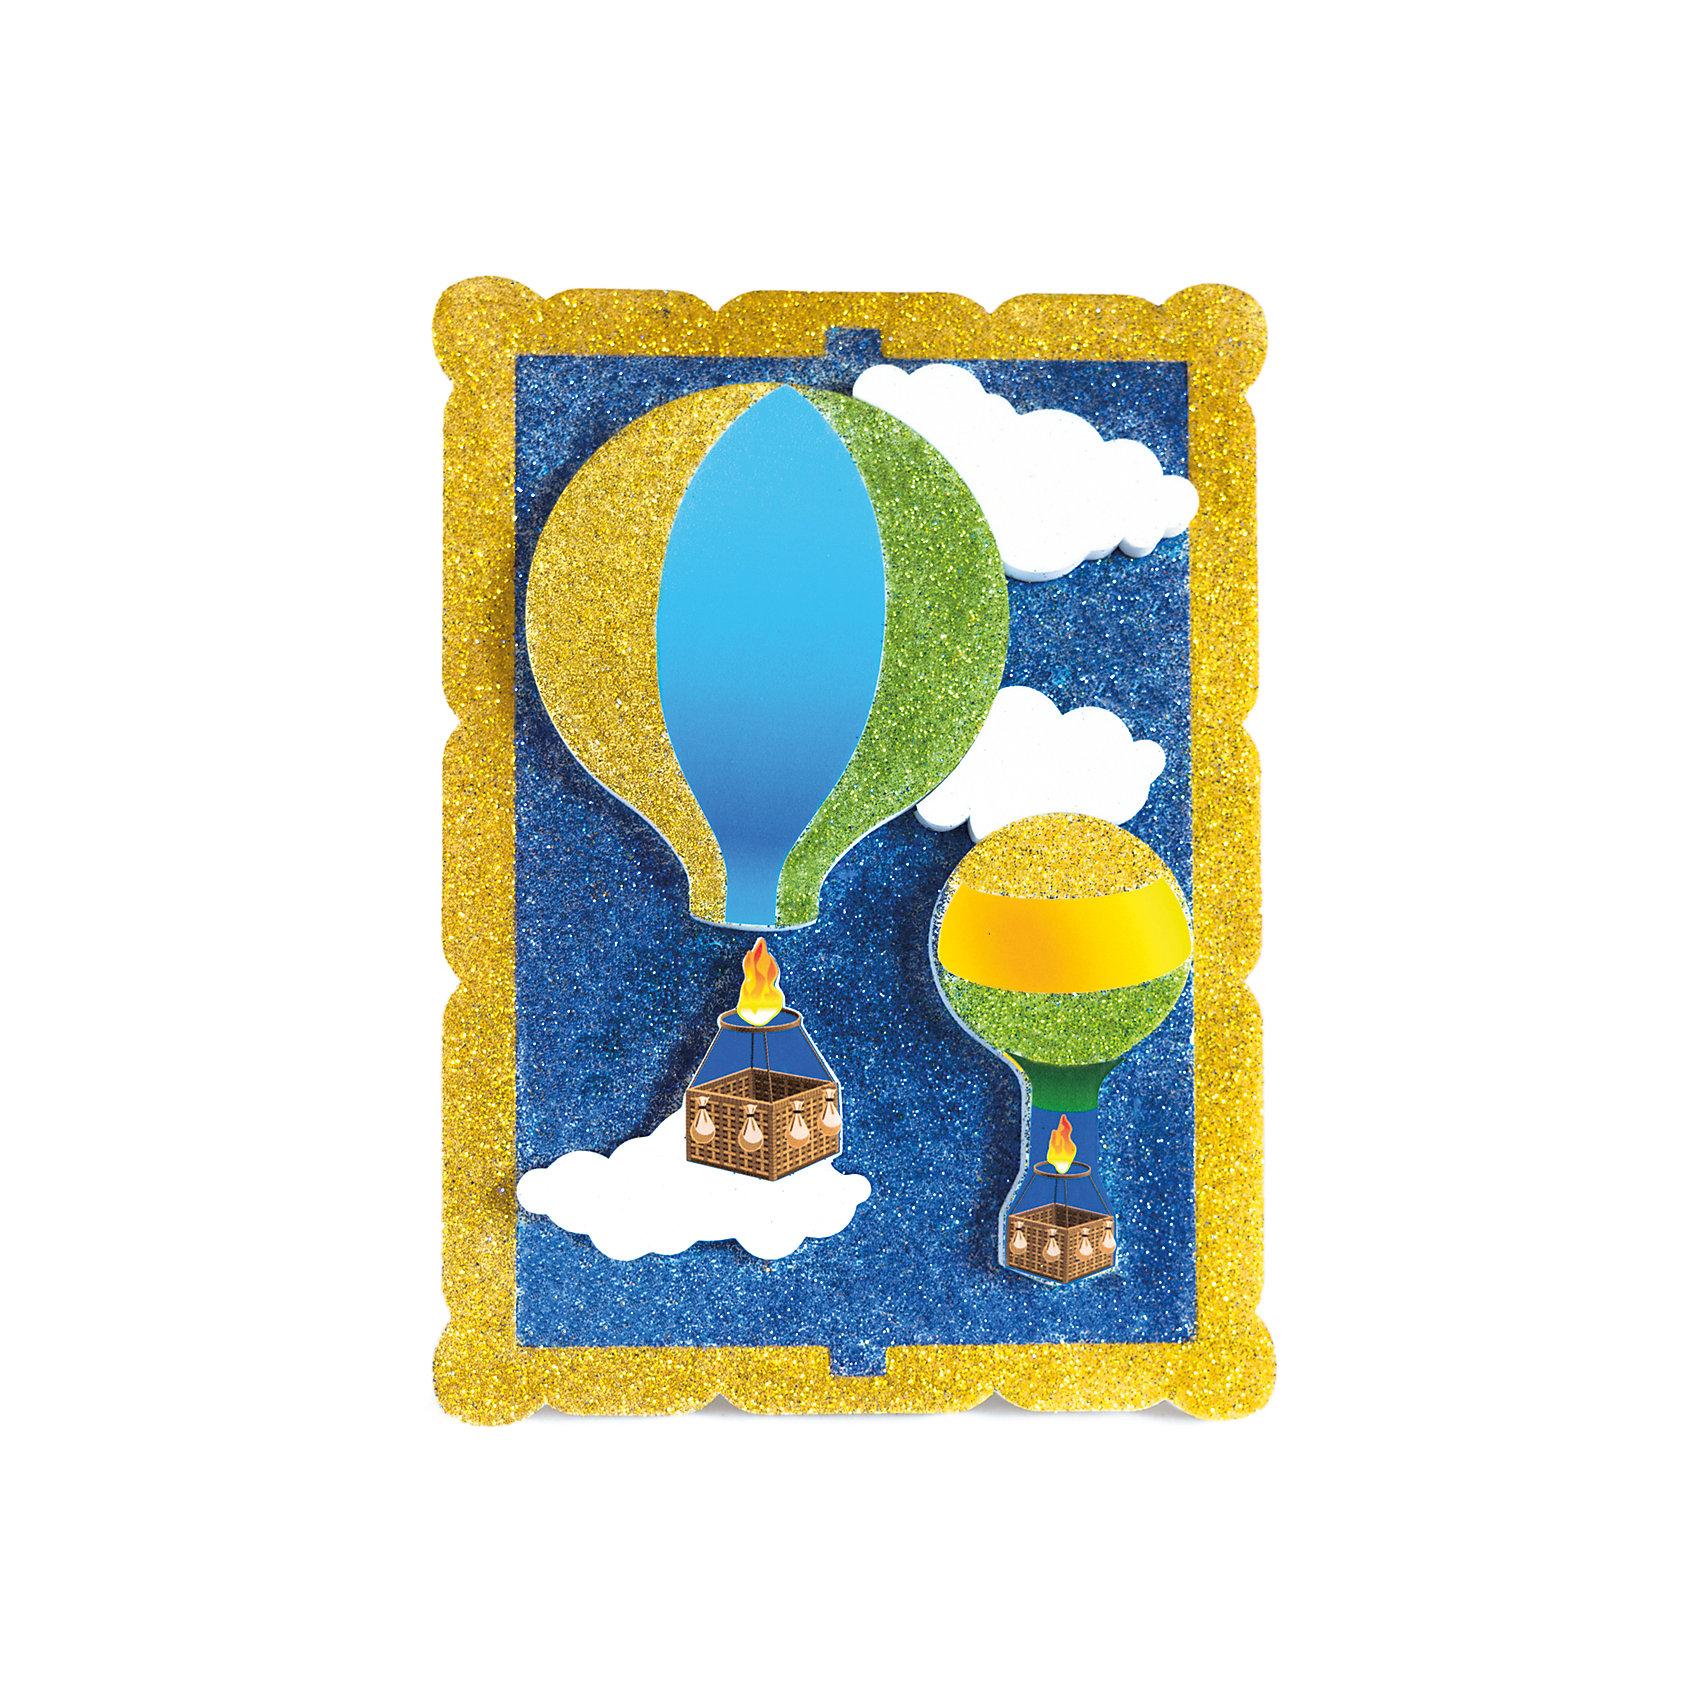 Набор для творчества Воздушные шары PicnMixНабор для творчества Воздушные шары -это объёмная красочная картина-аппликация, которая помогает тренировать зрительную память координацию движений и способствует развитию мелкой мотрики рук.<br><br>Ширина мм: 21<br>Глубина мм: 16<br>Высота мм: 5<br>Вес г: 140<br>Возраст от месяцев: 36<br>Возраст до месяцев: 120<br>Пол: Унисекс<br>Возраст: Детский<br>SKU: 5007387